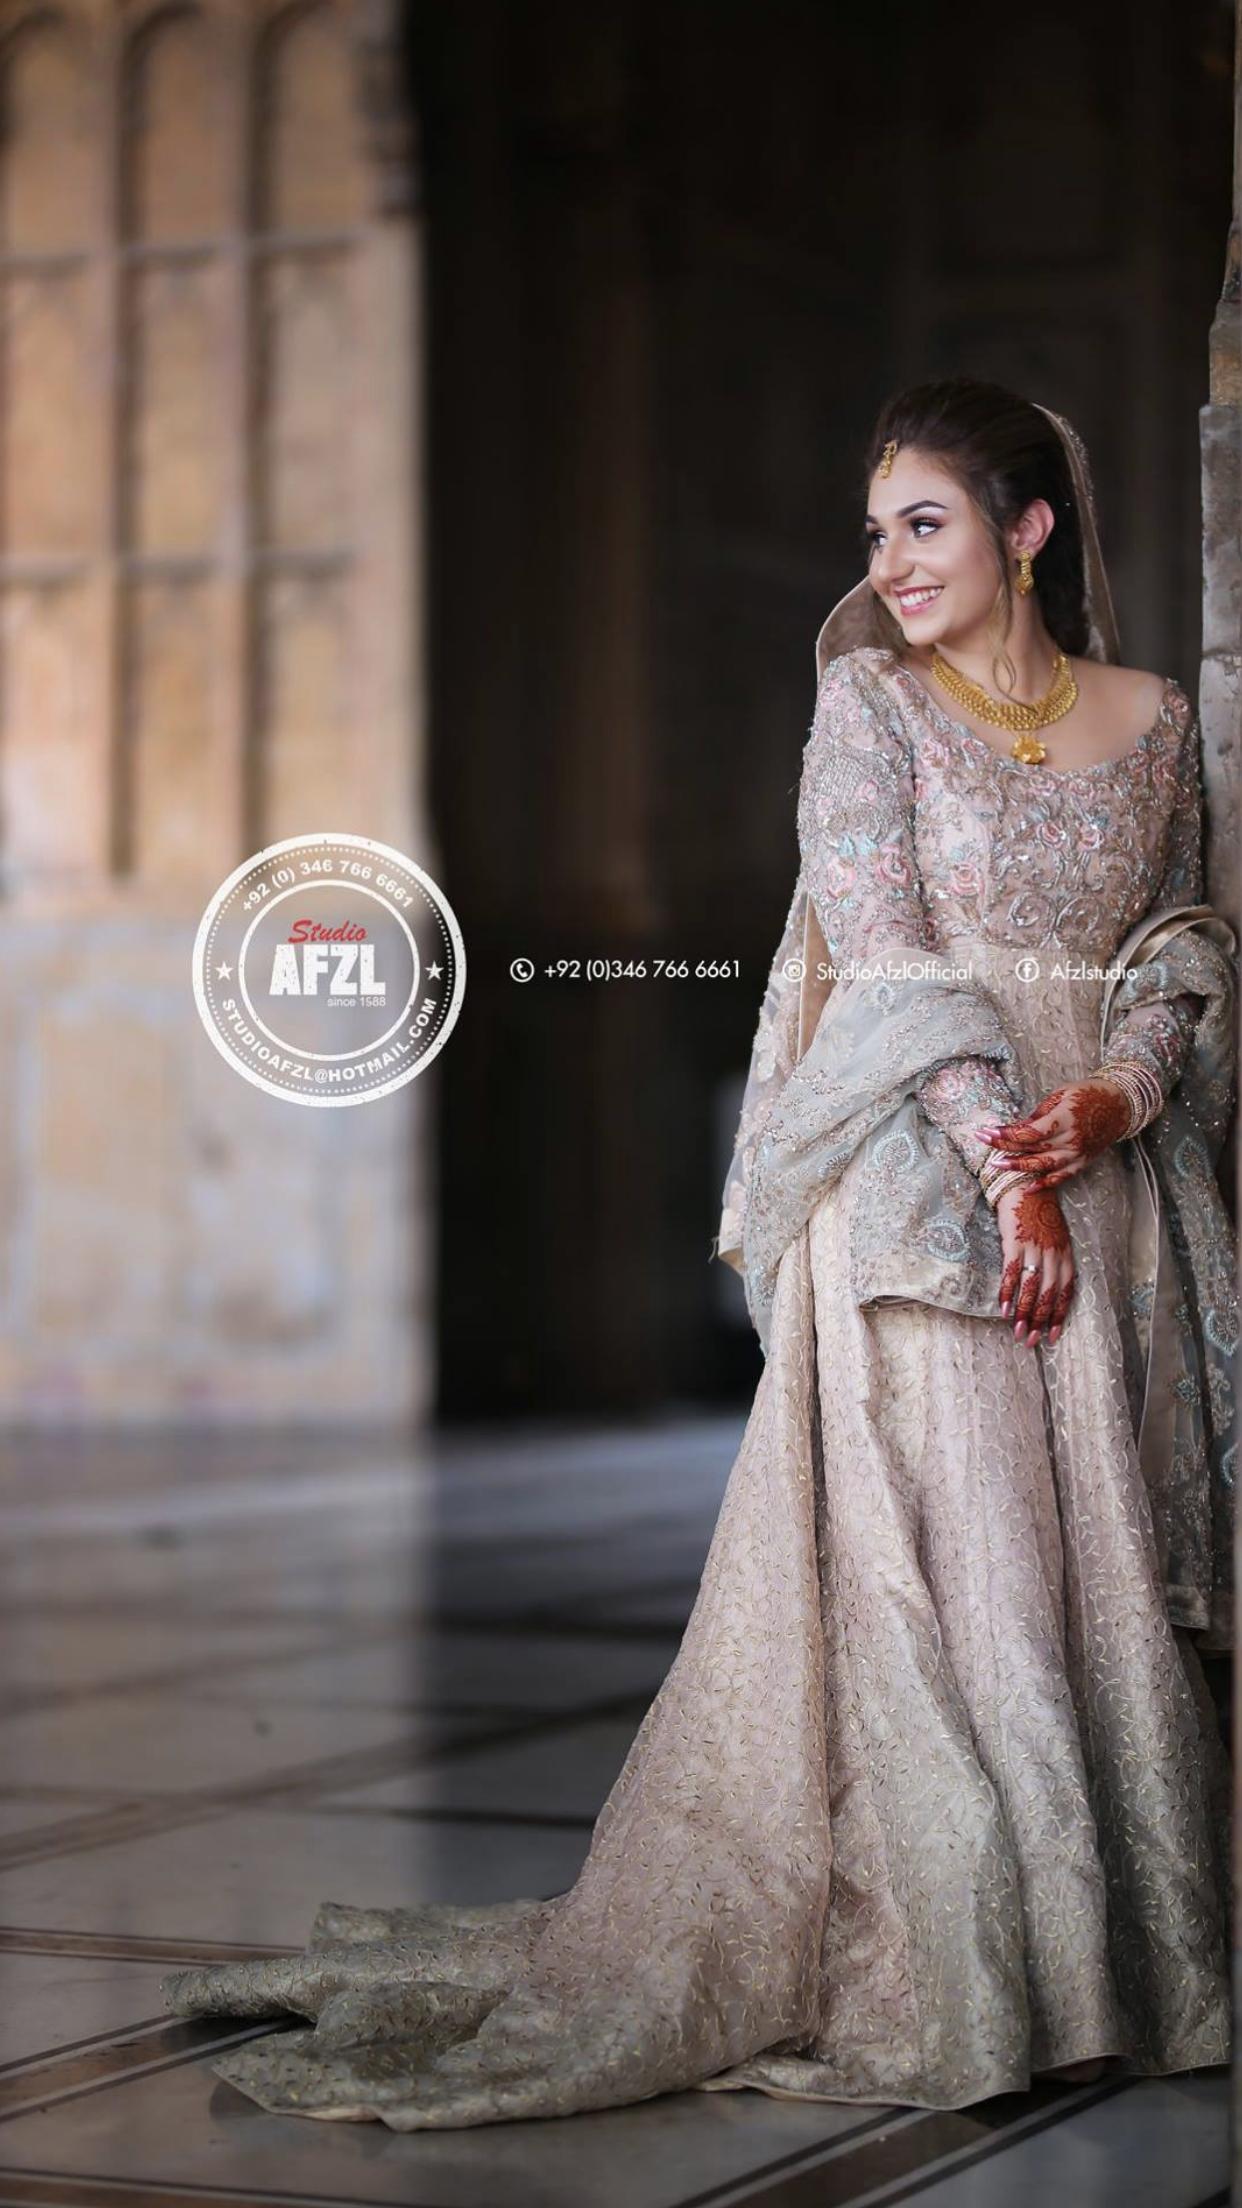 Pakistani Wedding Dresses 2018 Pinterest | Lixnet AG